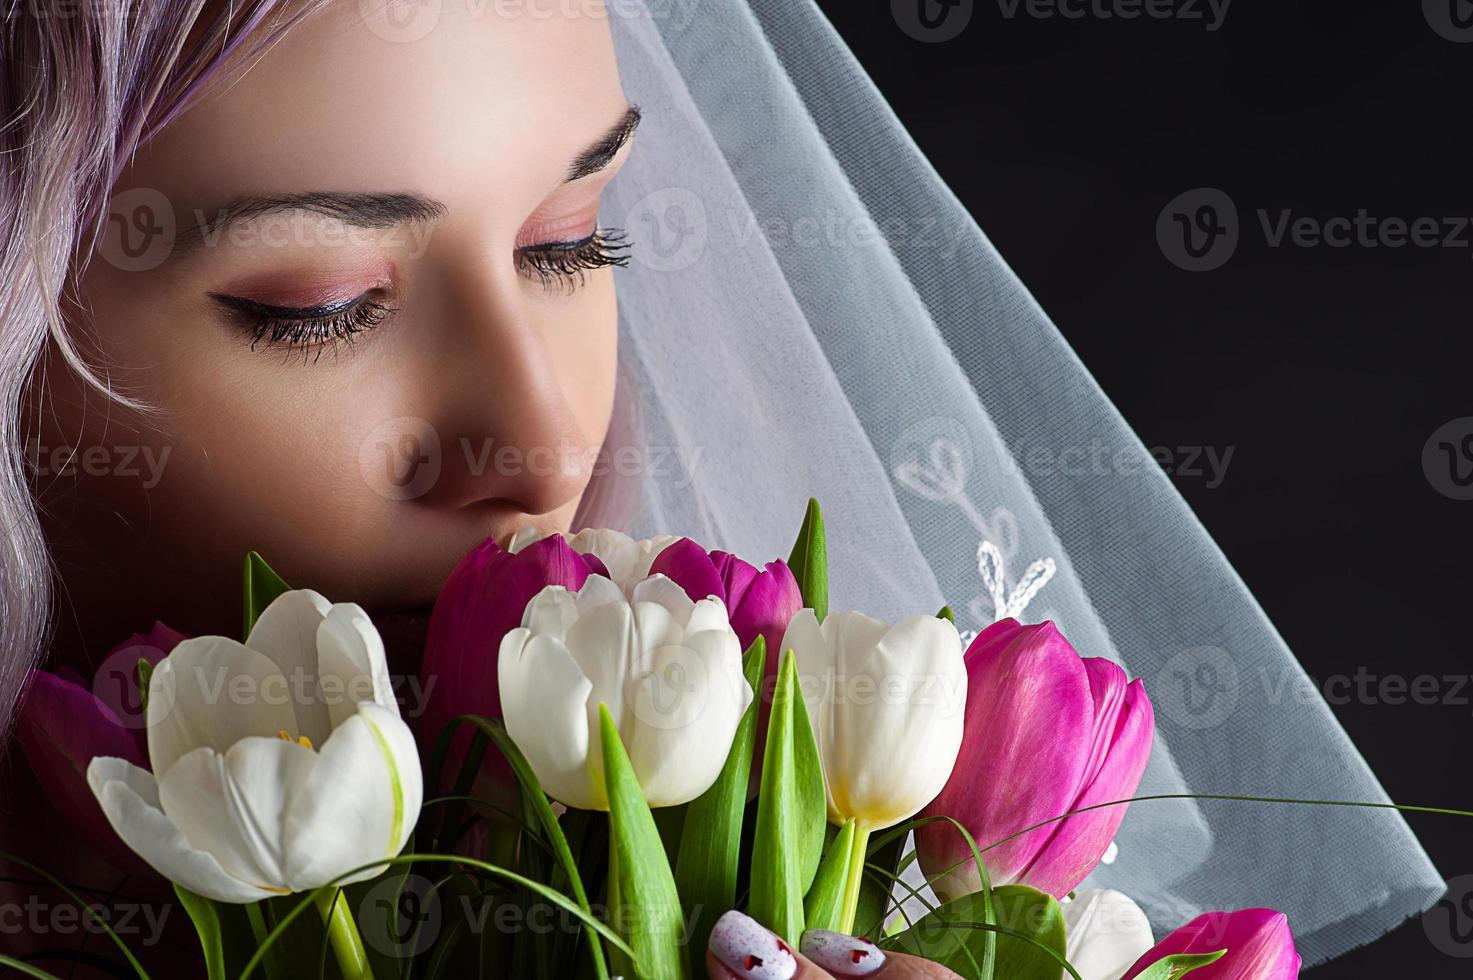 vacker kvinna ansikte med en bukett tulpaner foto